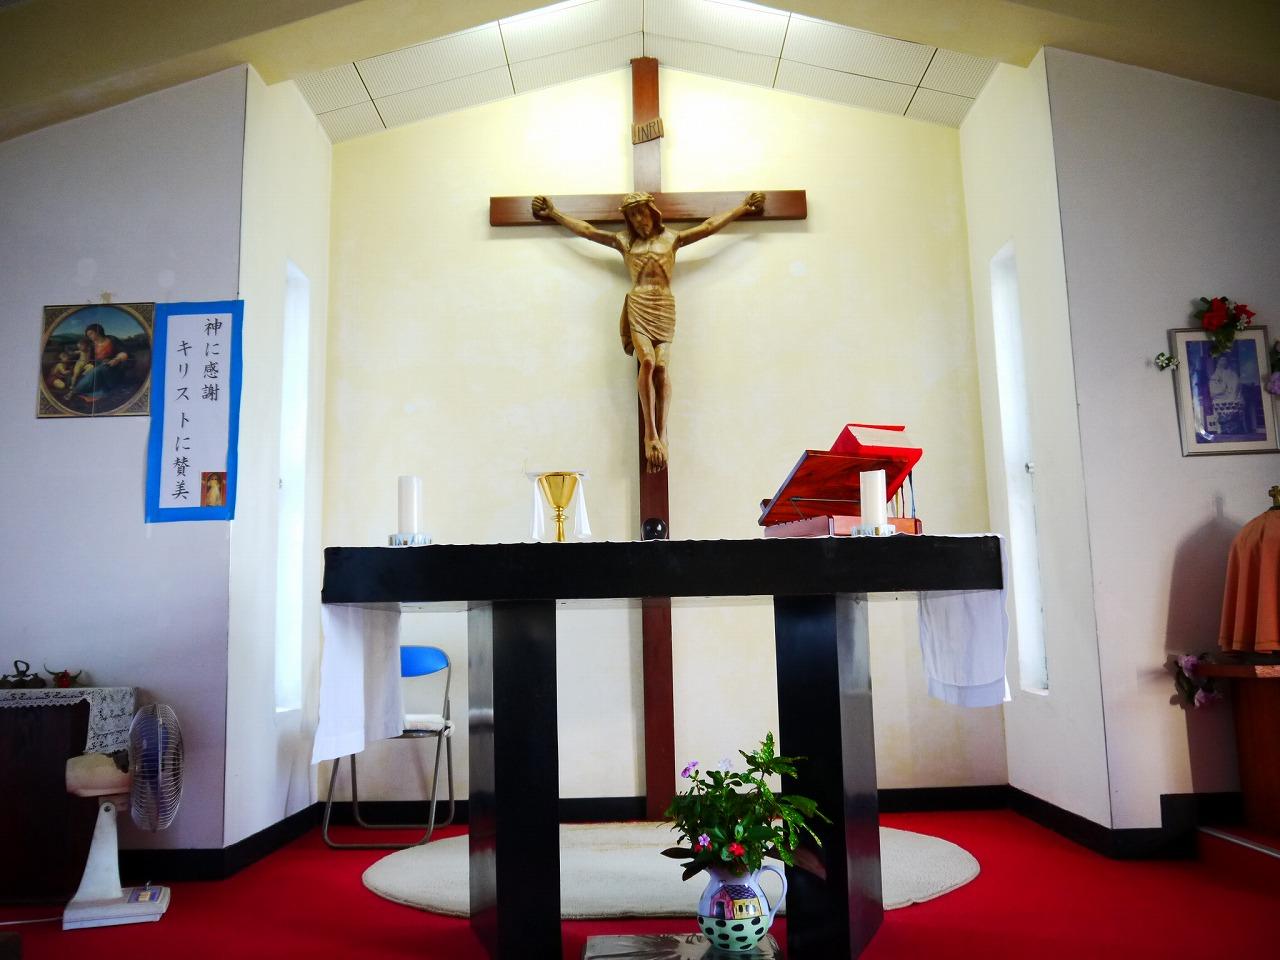 加計呂麻島にある西阿室教会の内観